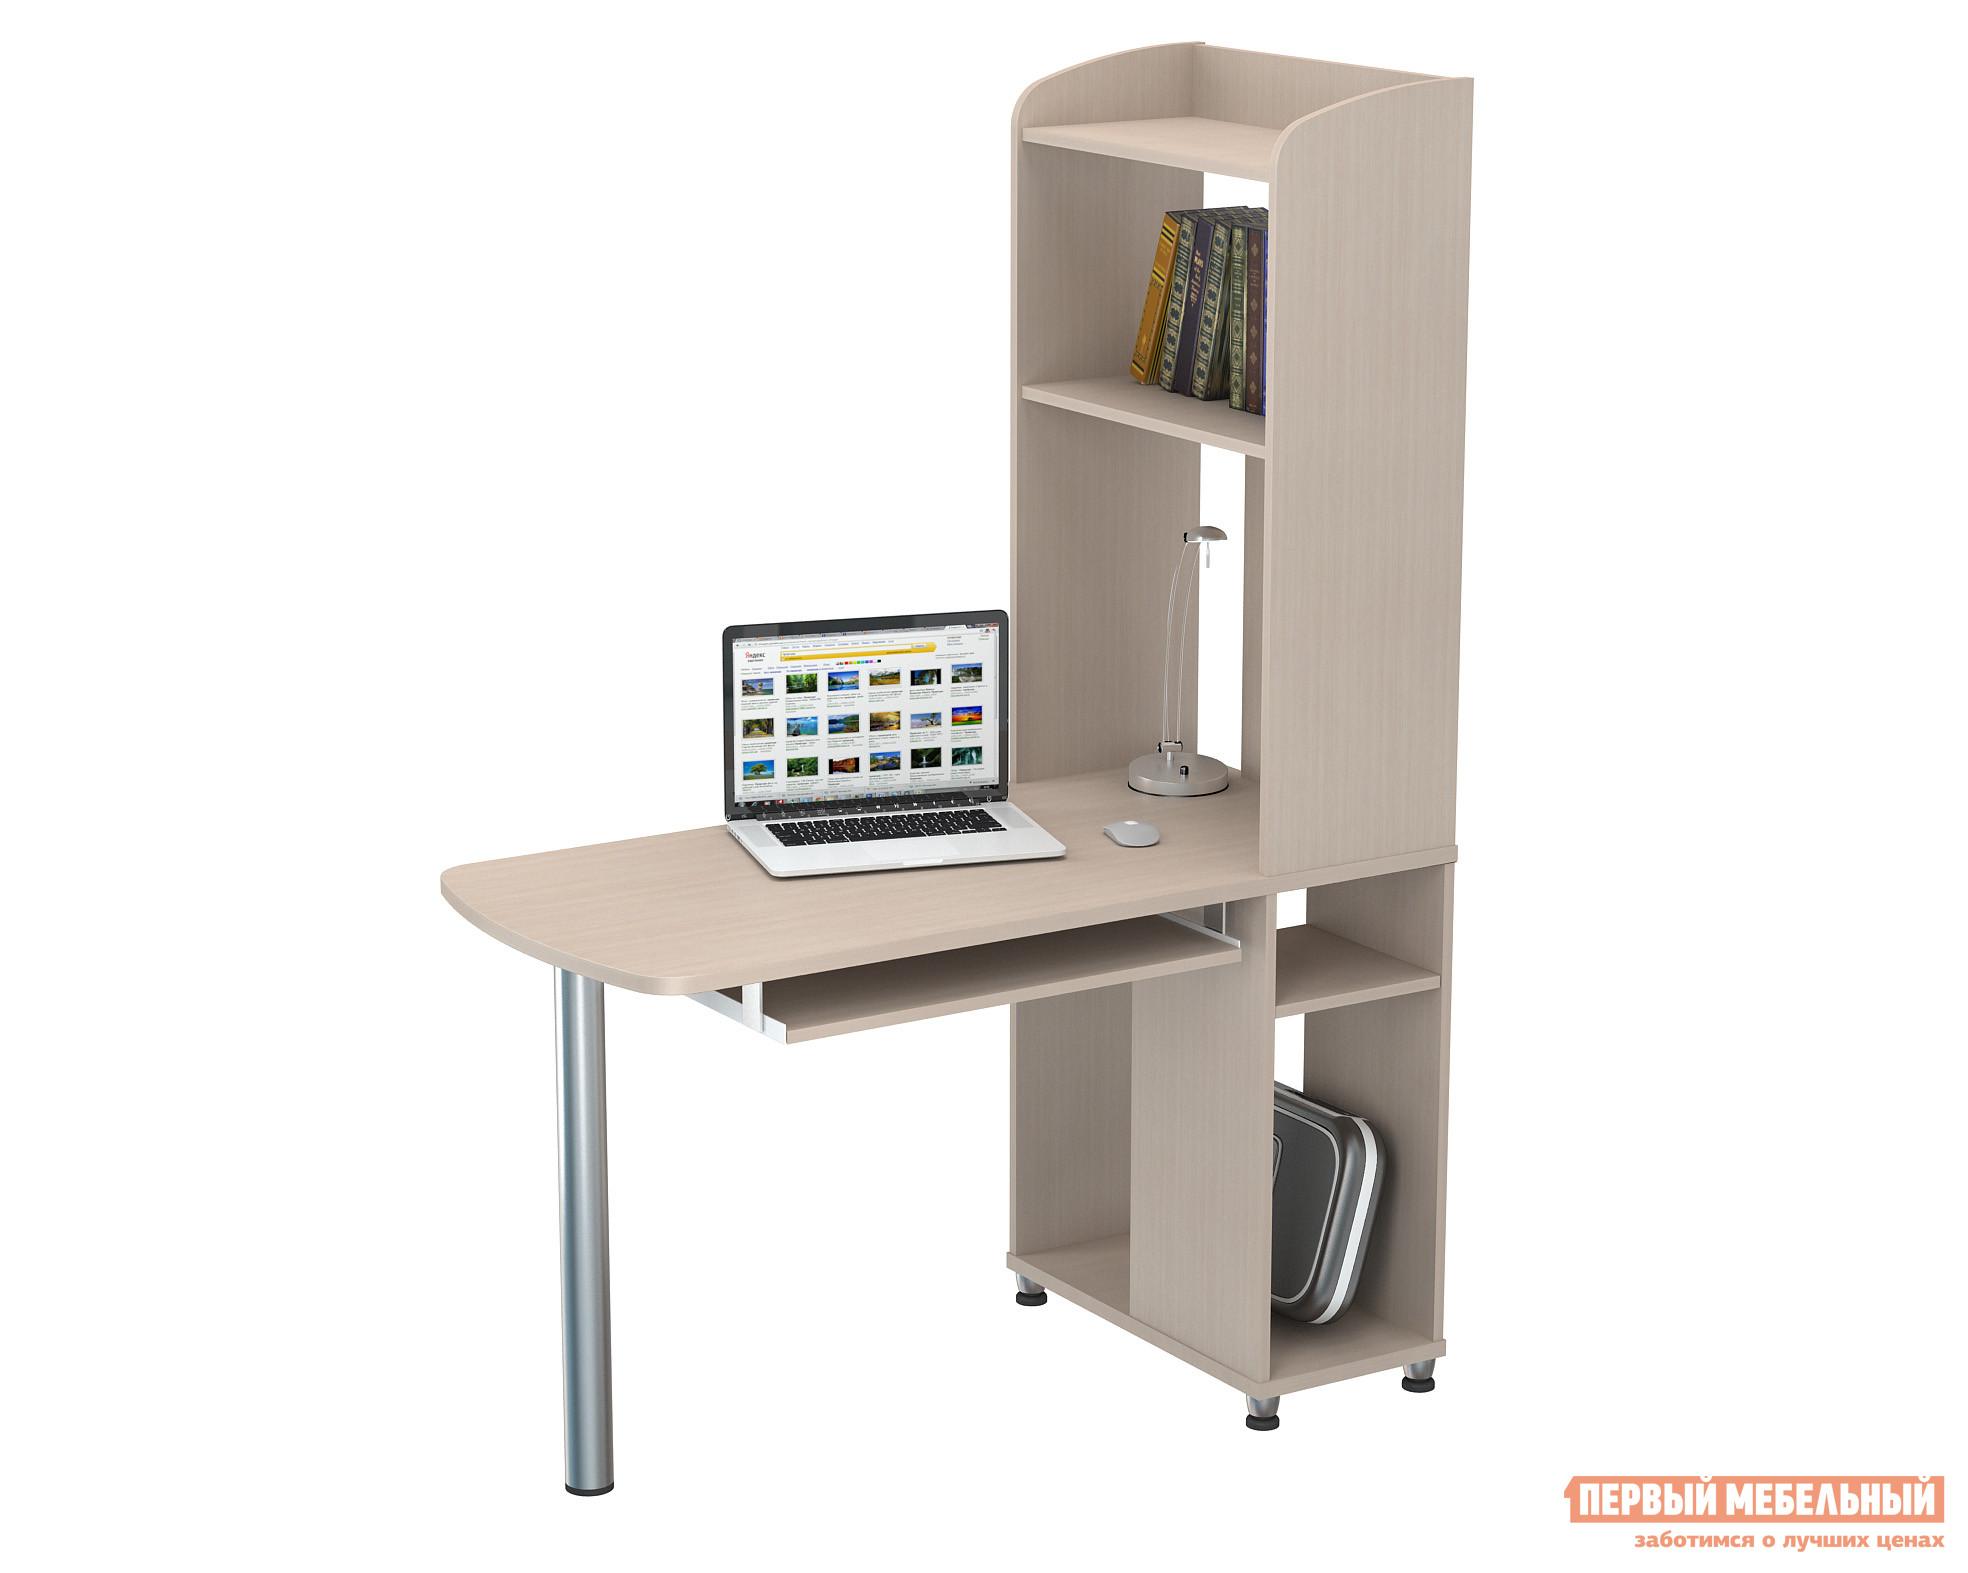 Компьютерный стол ВасКо КС 20-31 М1 стол компьютерный васко кс 20 30 м1 дуб сонома